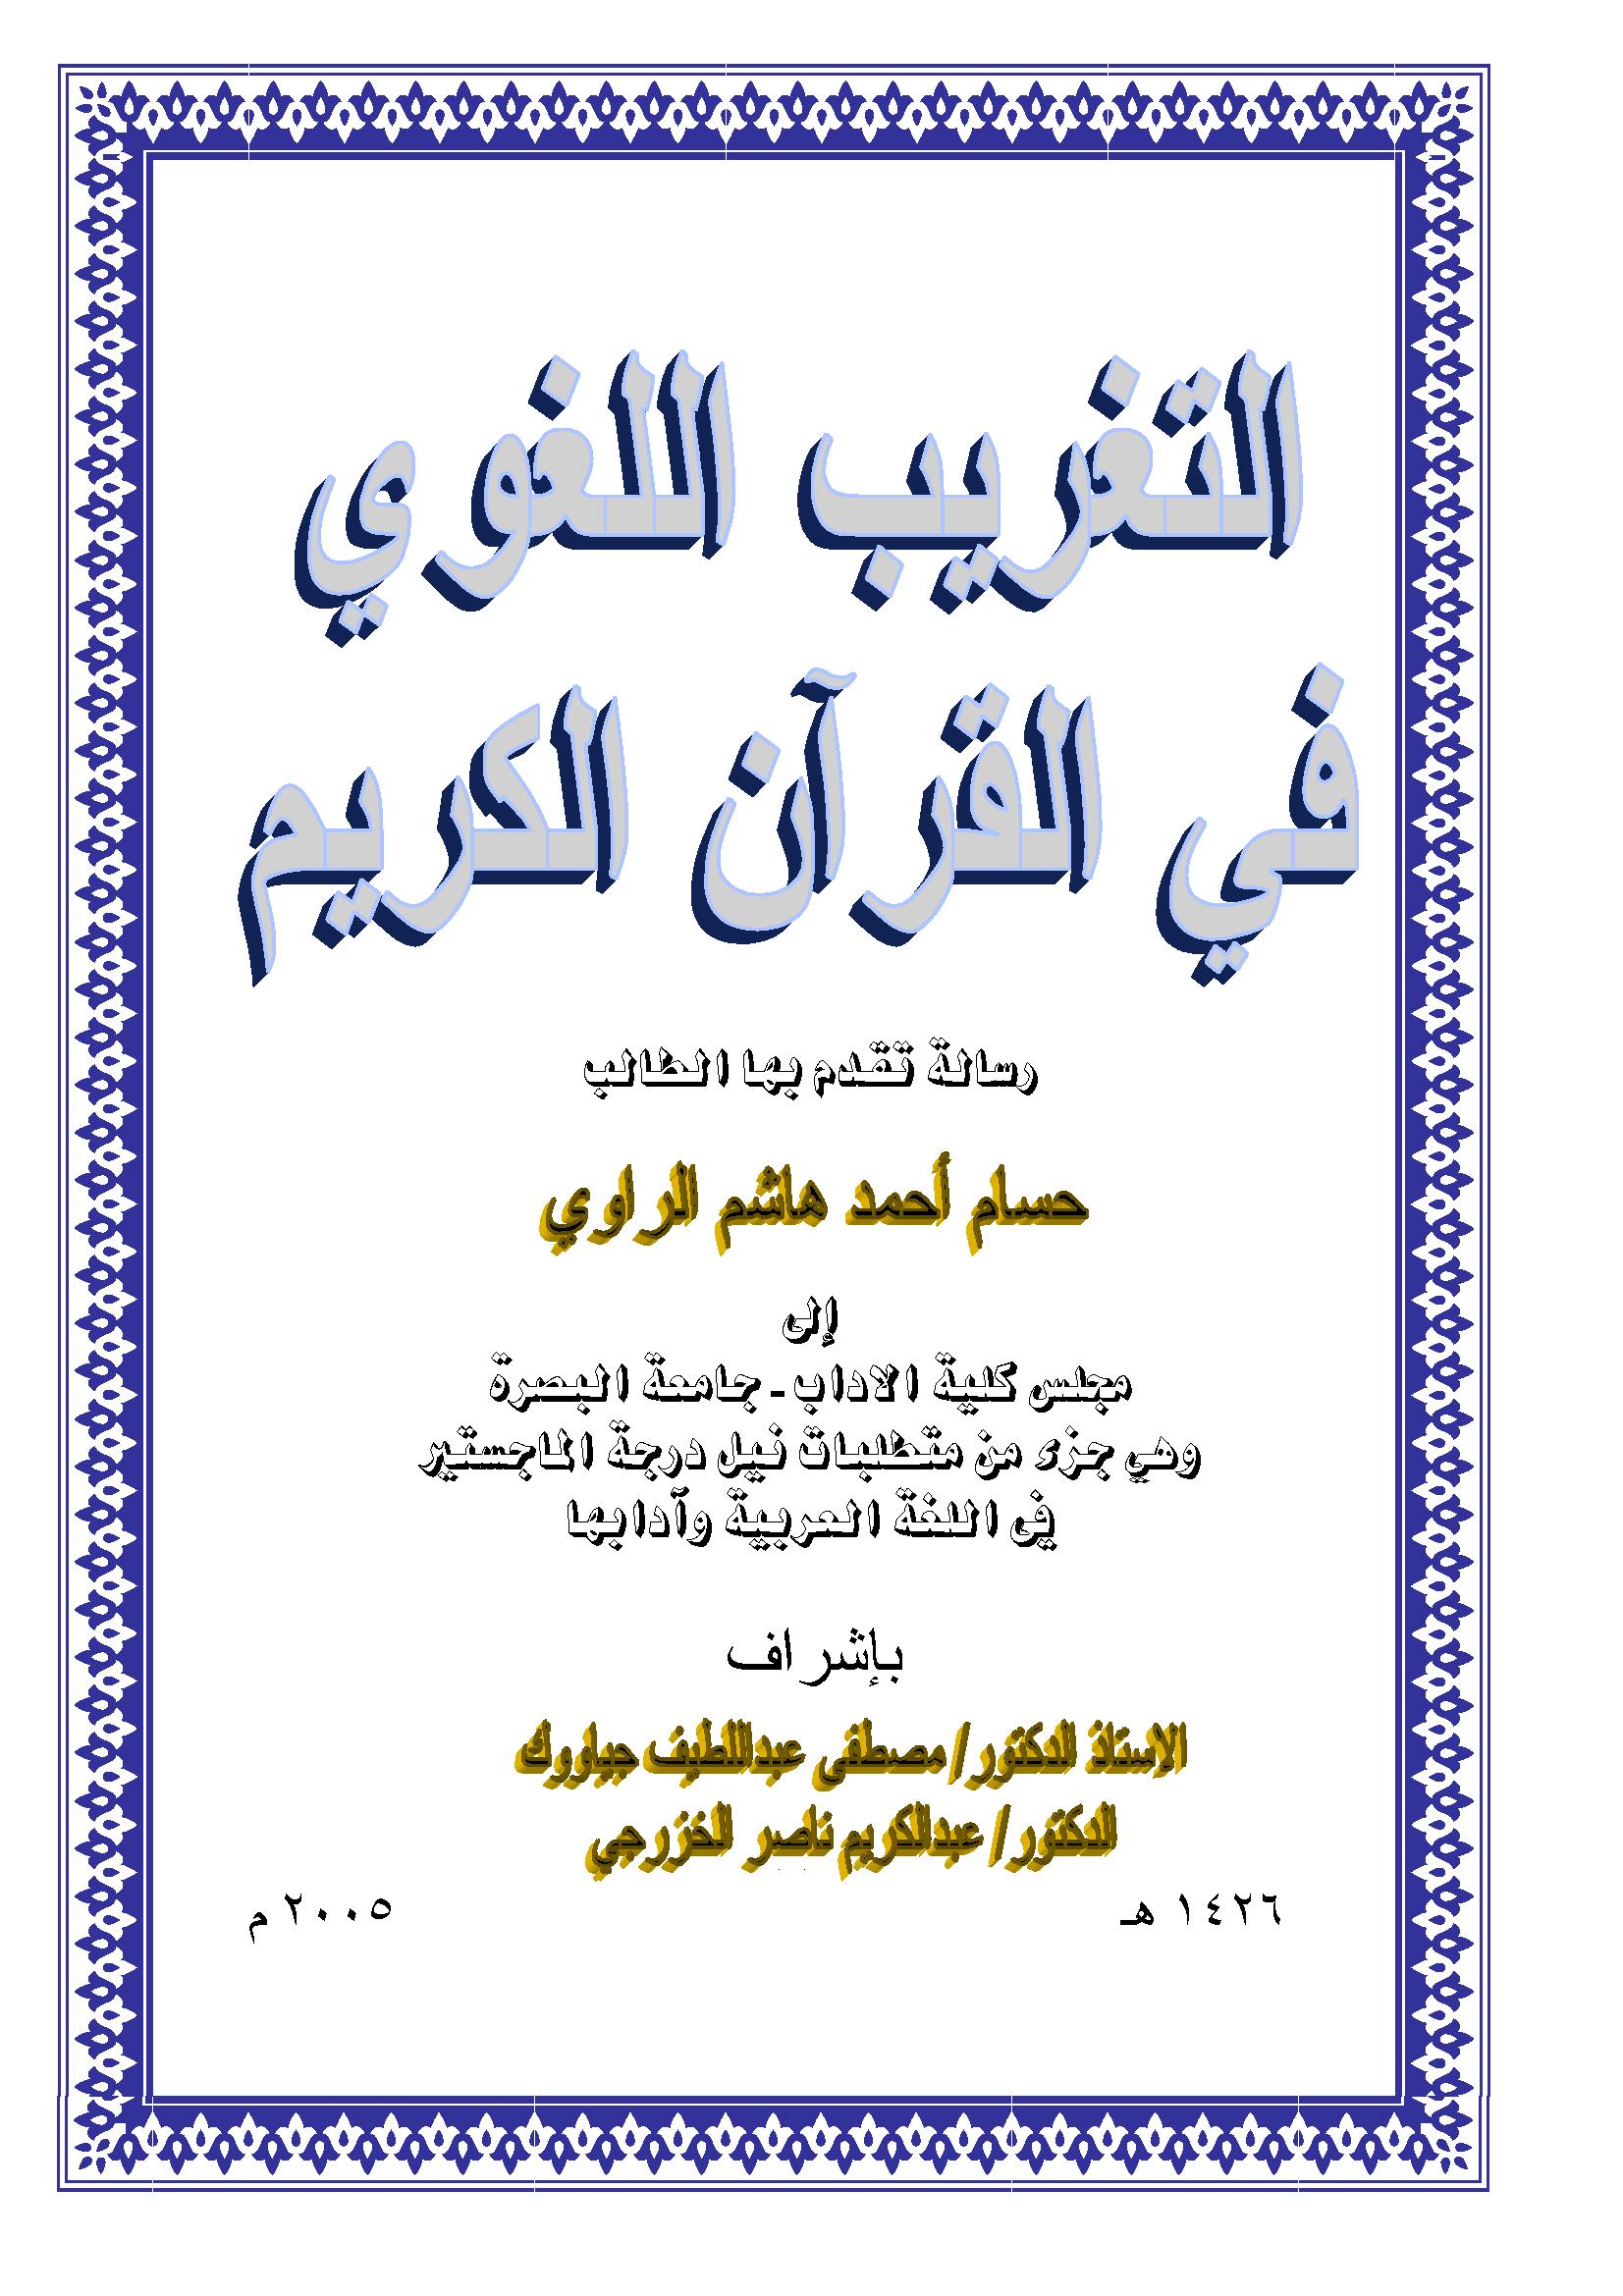 تحميل كتاب التغريب اللغوي في القرآن الكريم لـِ: حسام أحمد هاشم الراوي